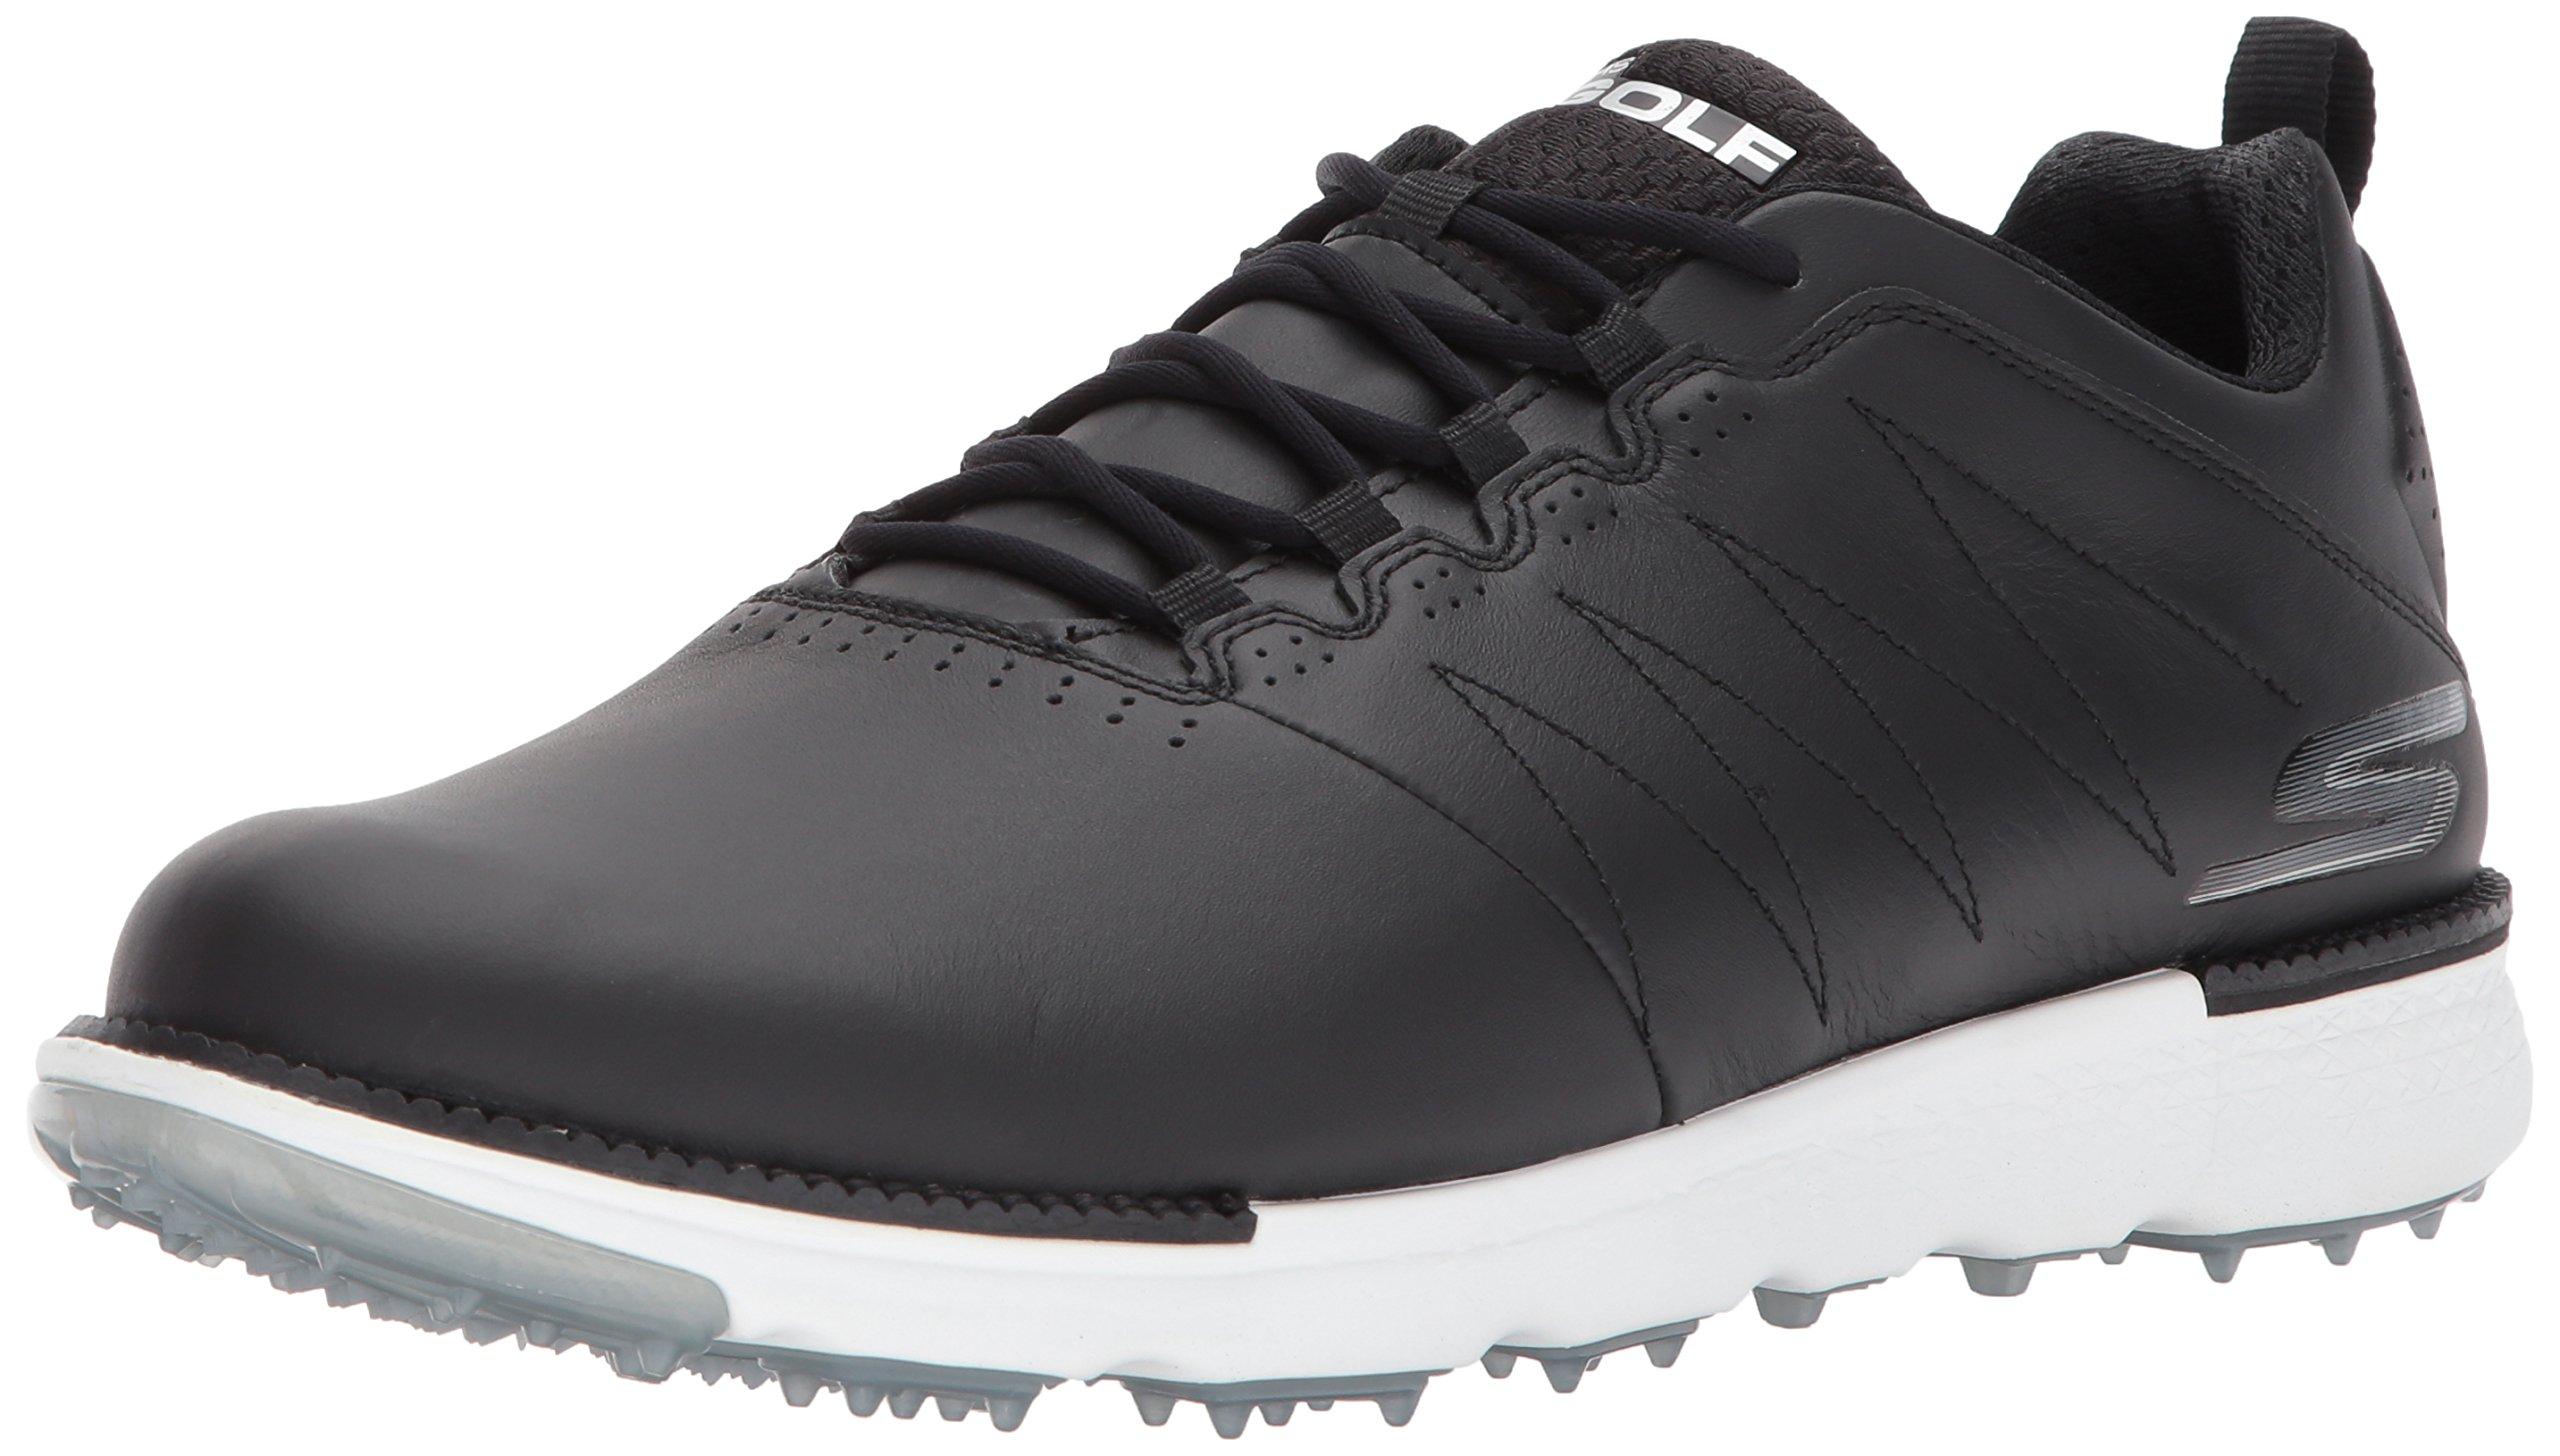 Skechers Men's Go Golf Elite 3 Golf Shoe,Black/White,7.5 M US